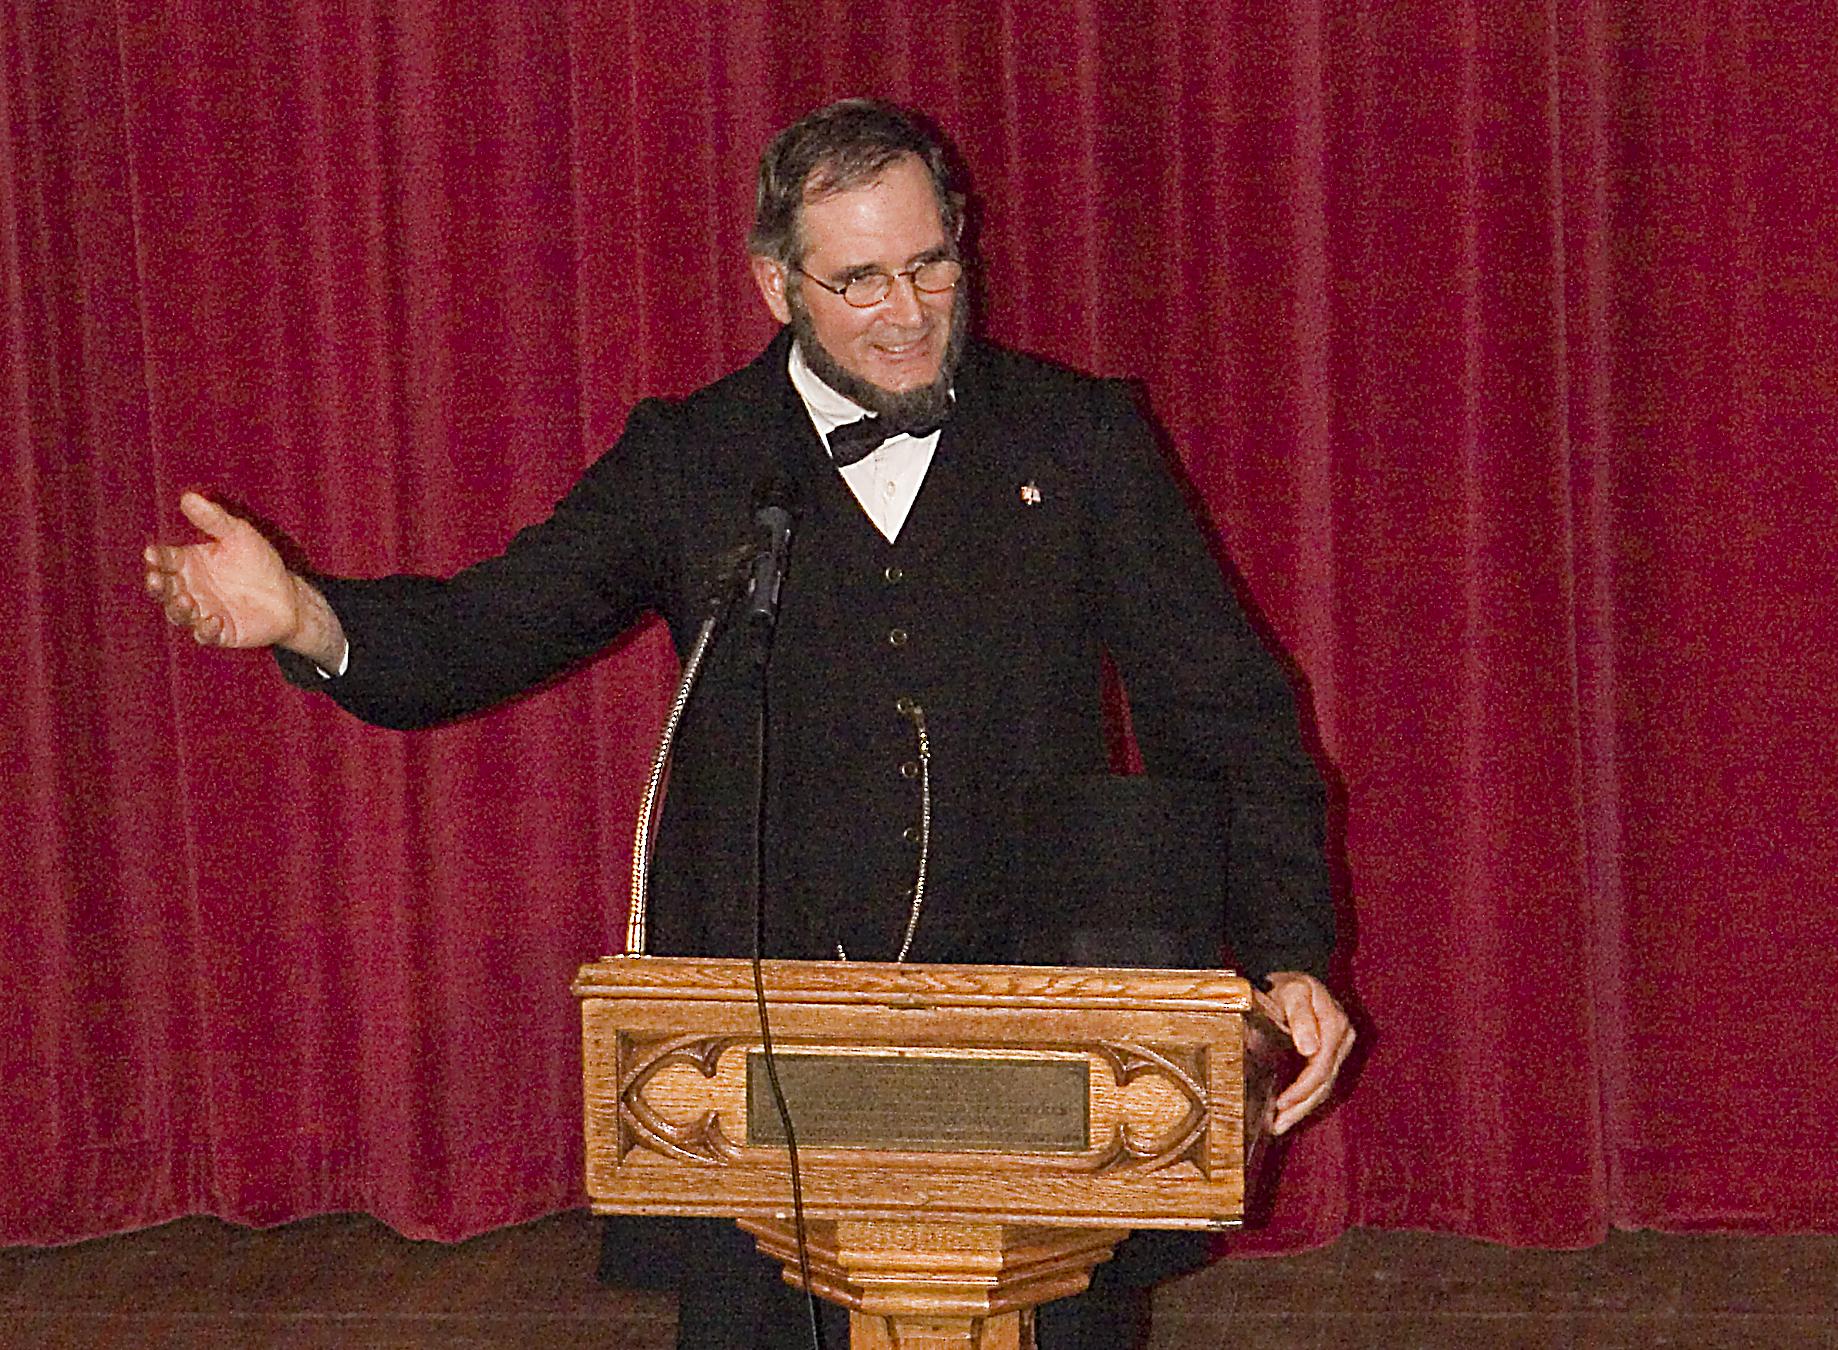 Lee-presenting-podium